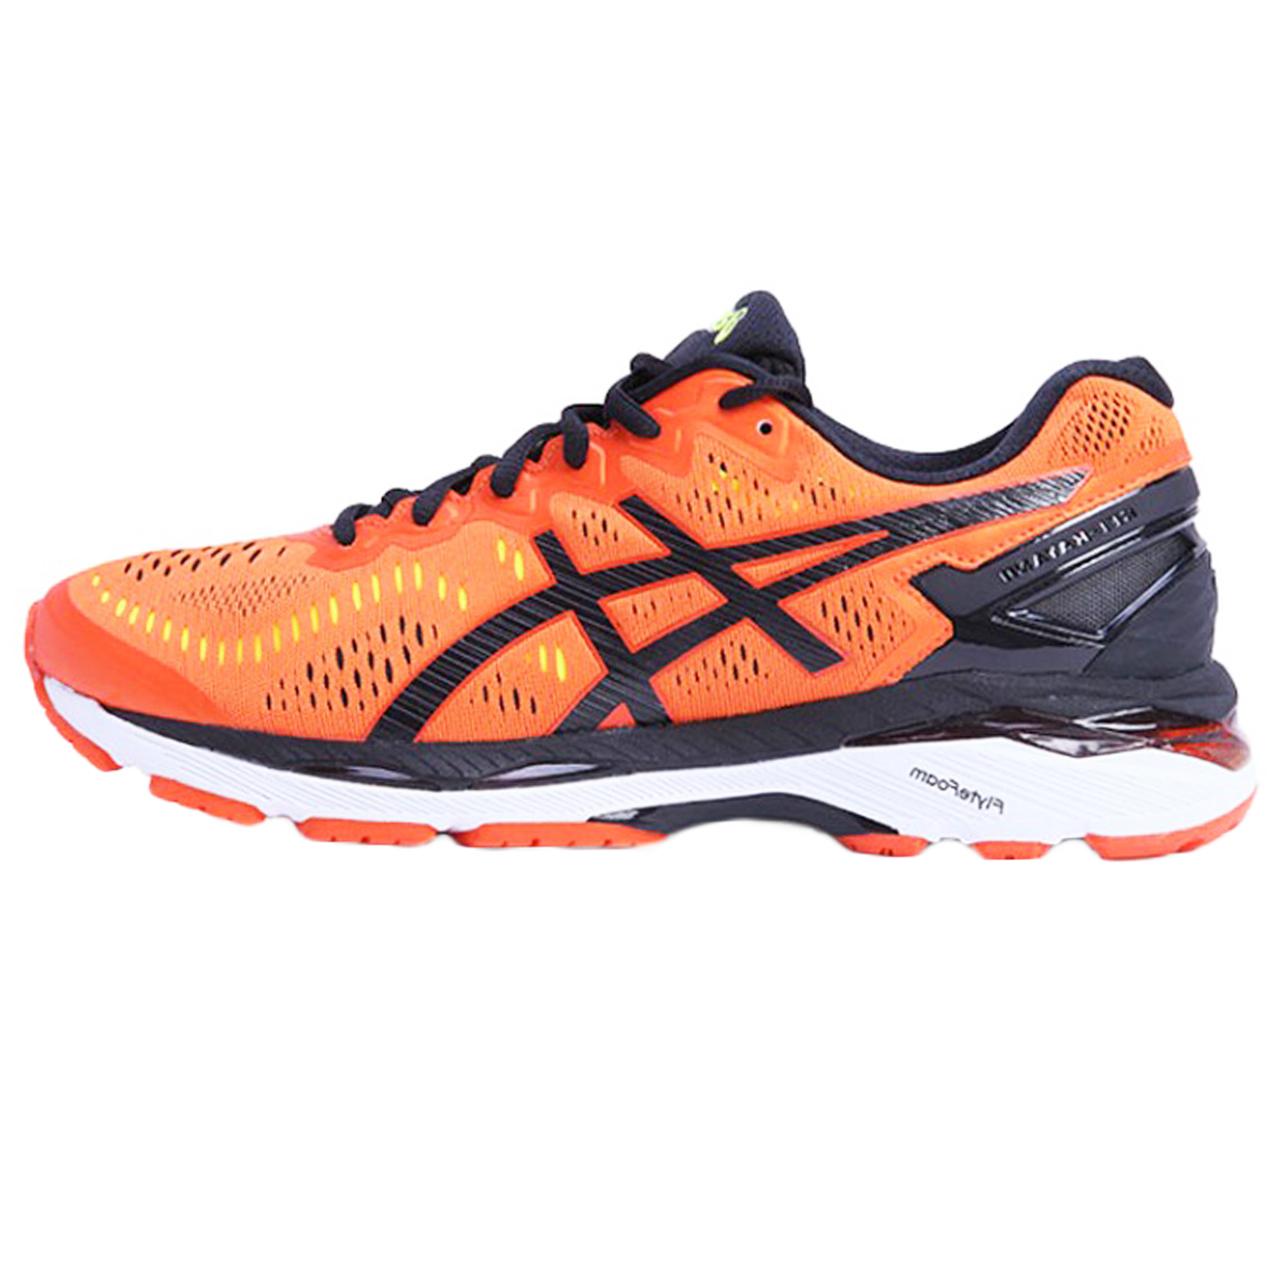 قیمت کفش مخصوص دویدن مردانه اسیکس مدل gel kayano  کد T897N